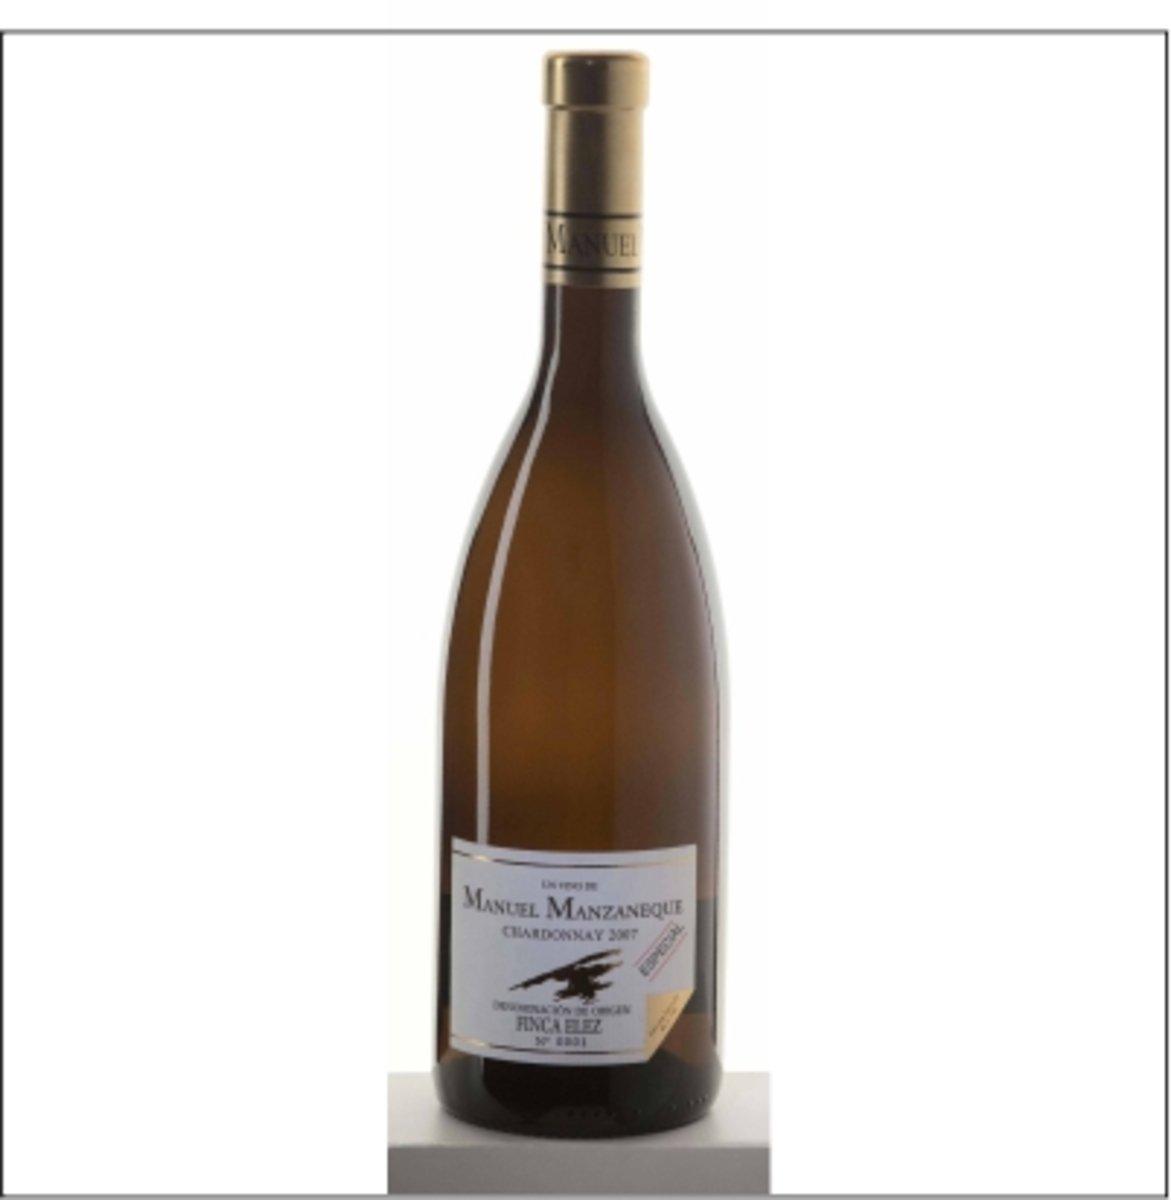 特釀莎當妮 乾白葡萄酒 2007